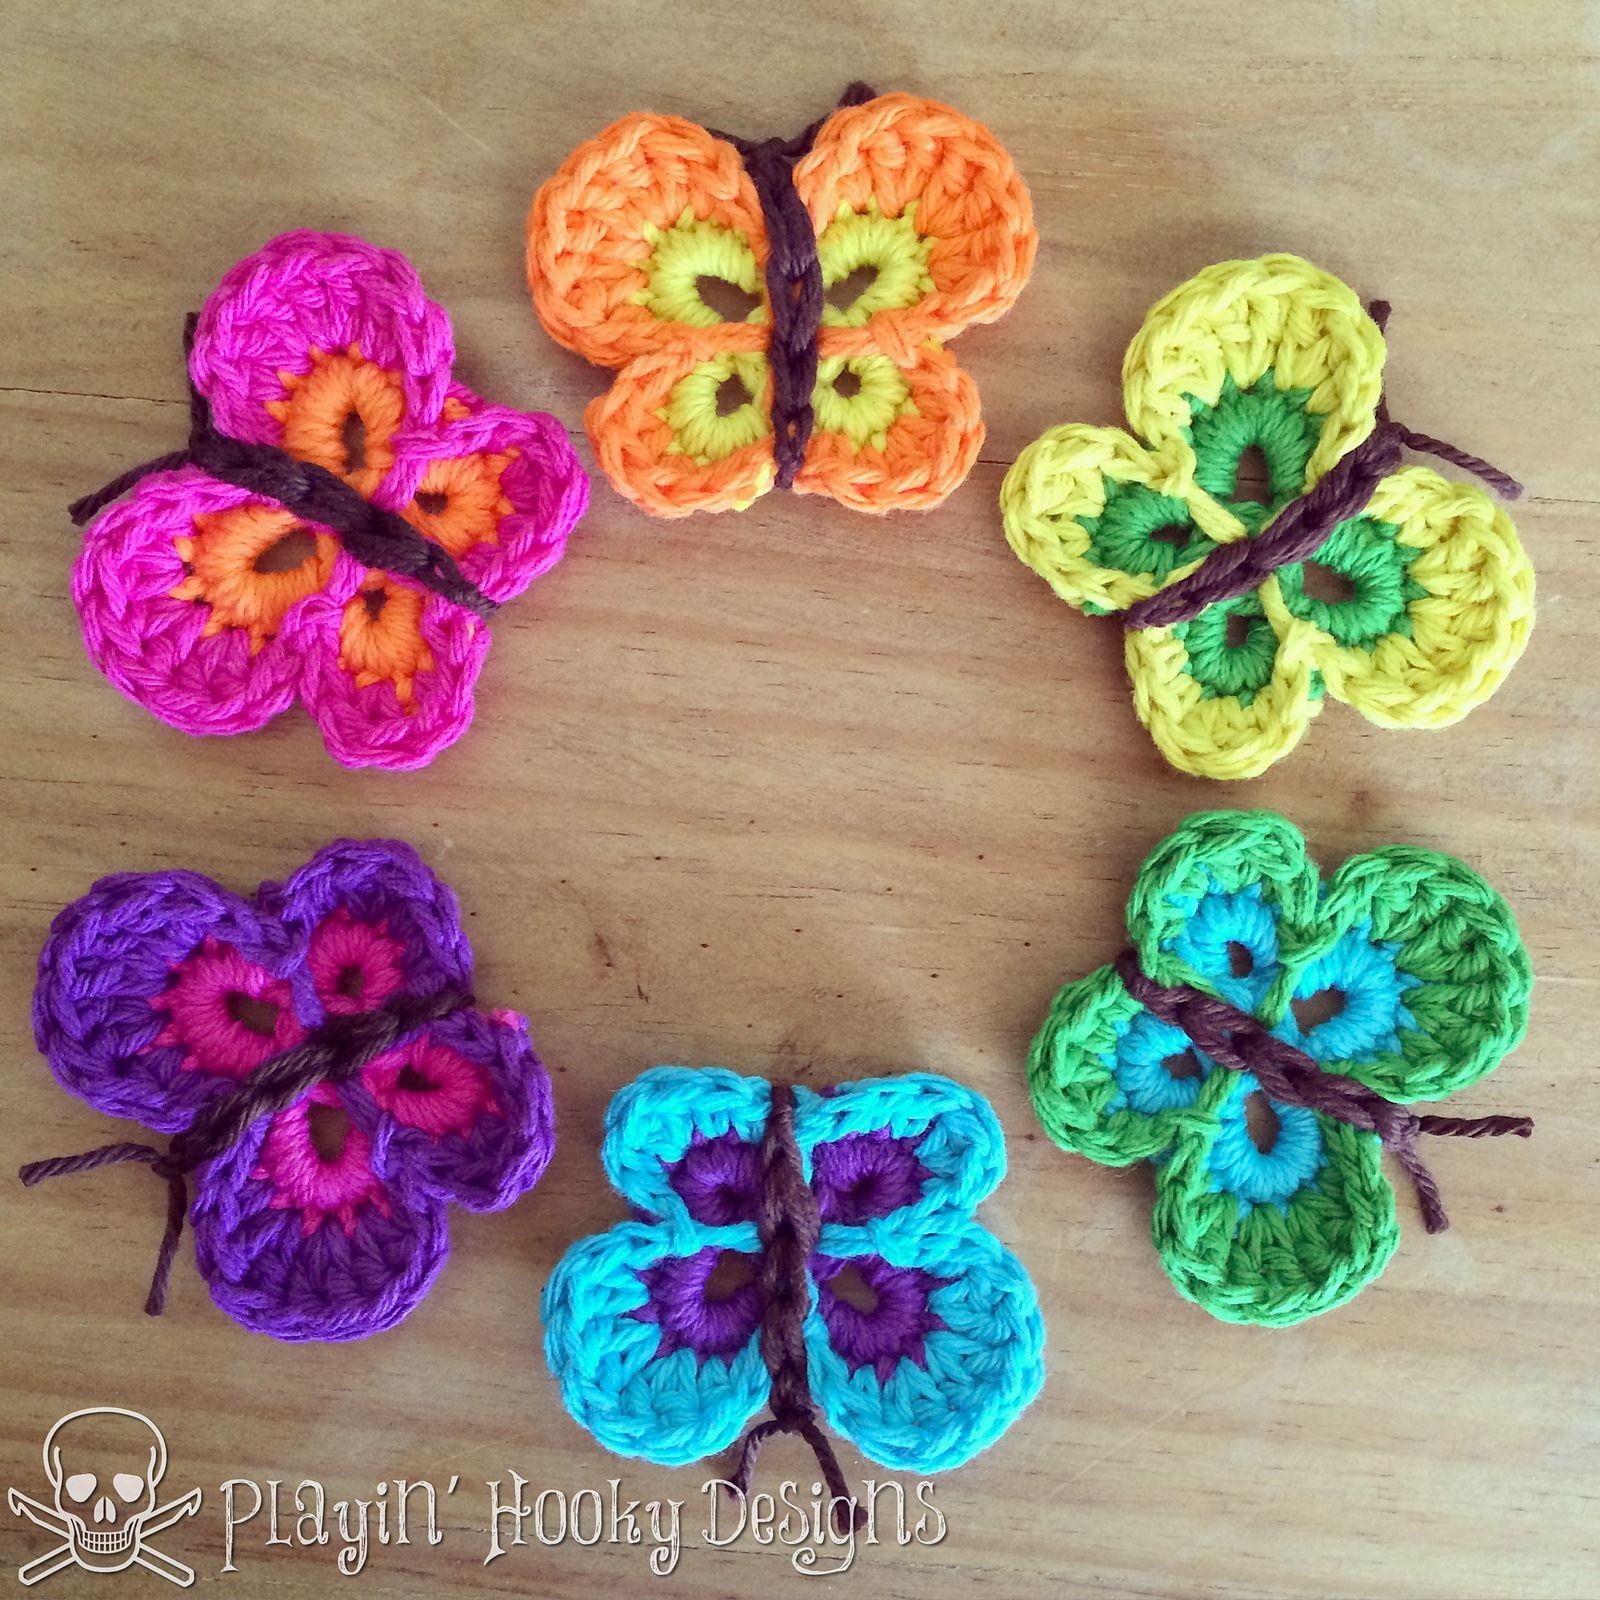 Bountiful Butterflies By Marken Of The Hat & I - Free Crochet ...